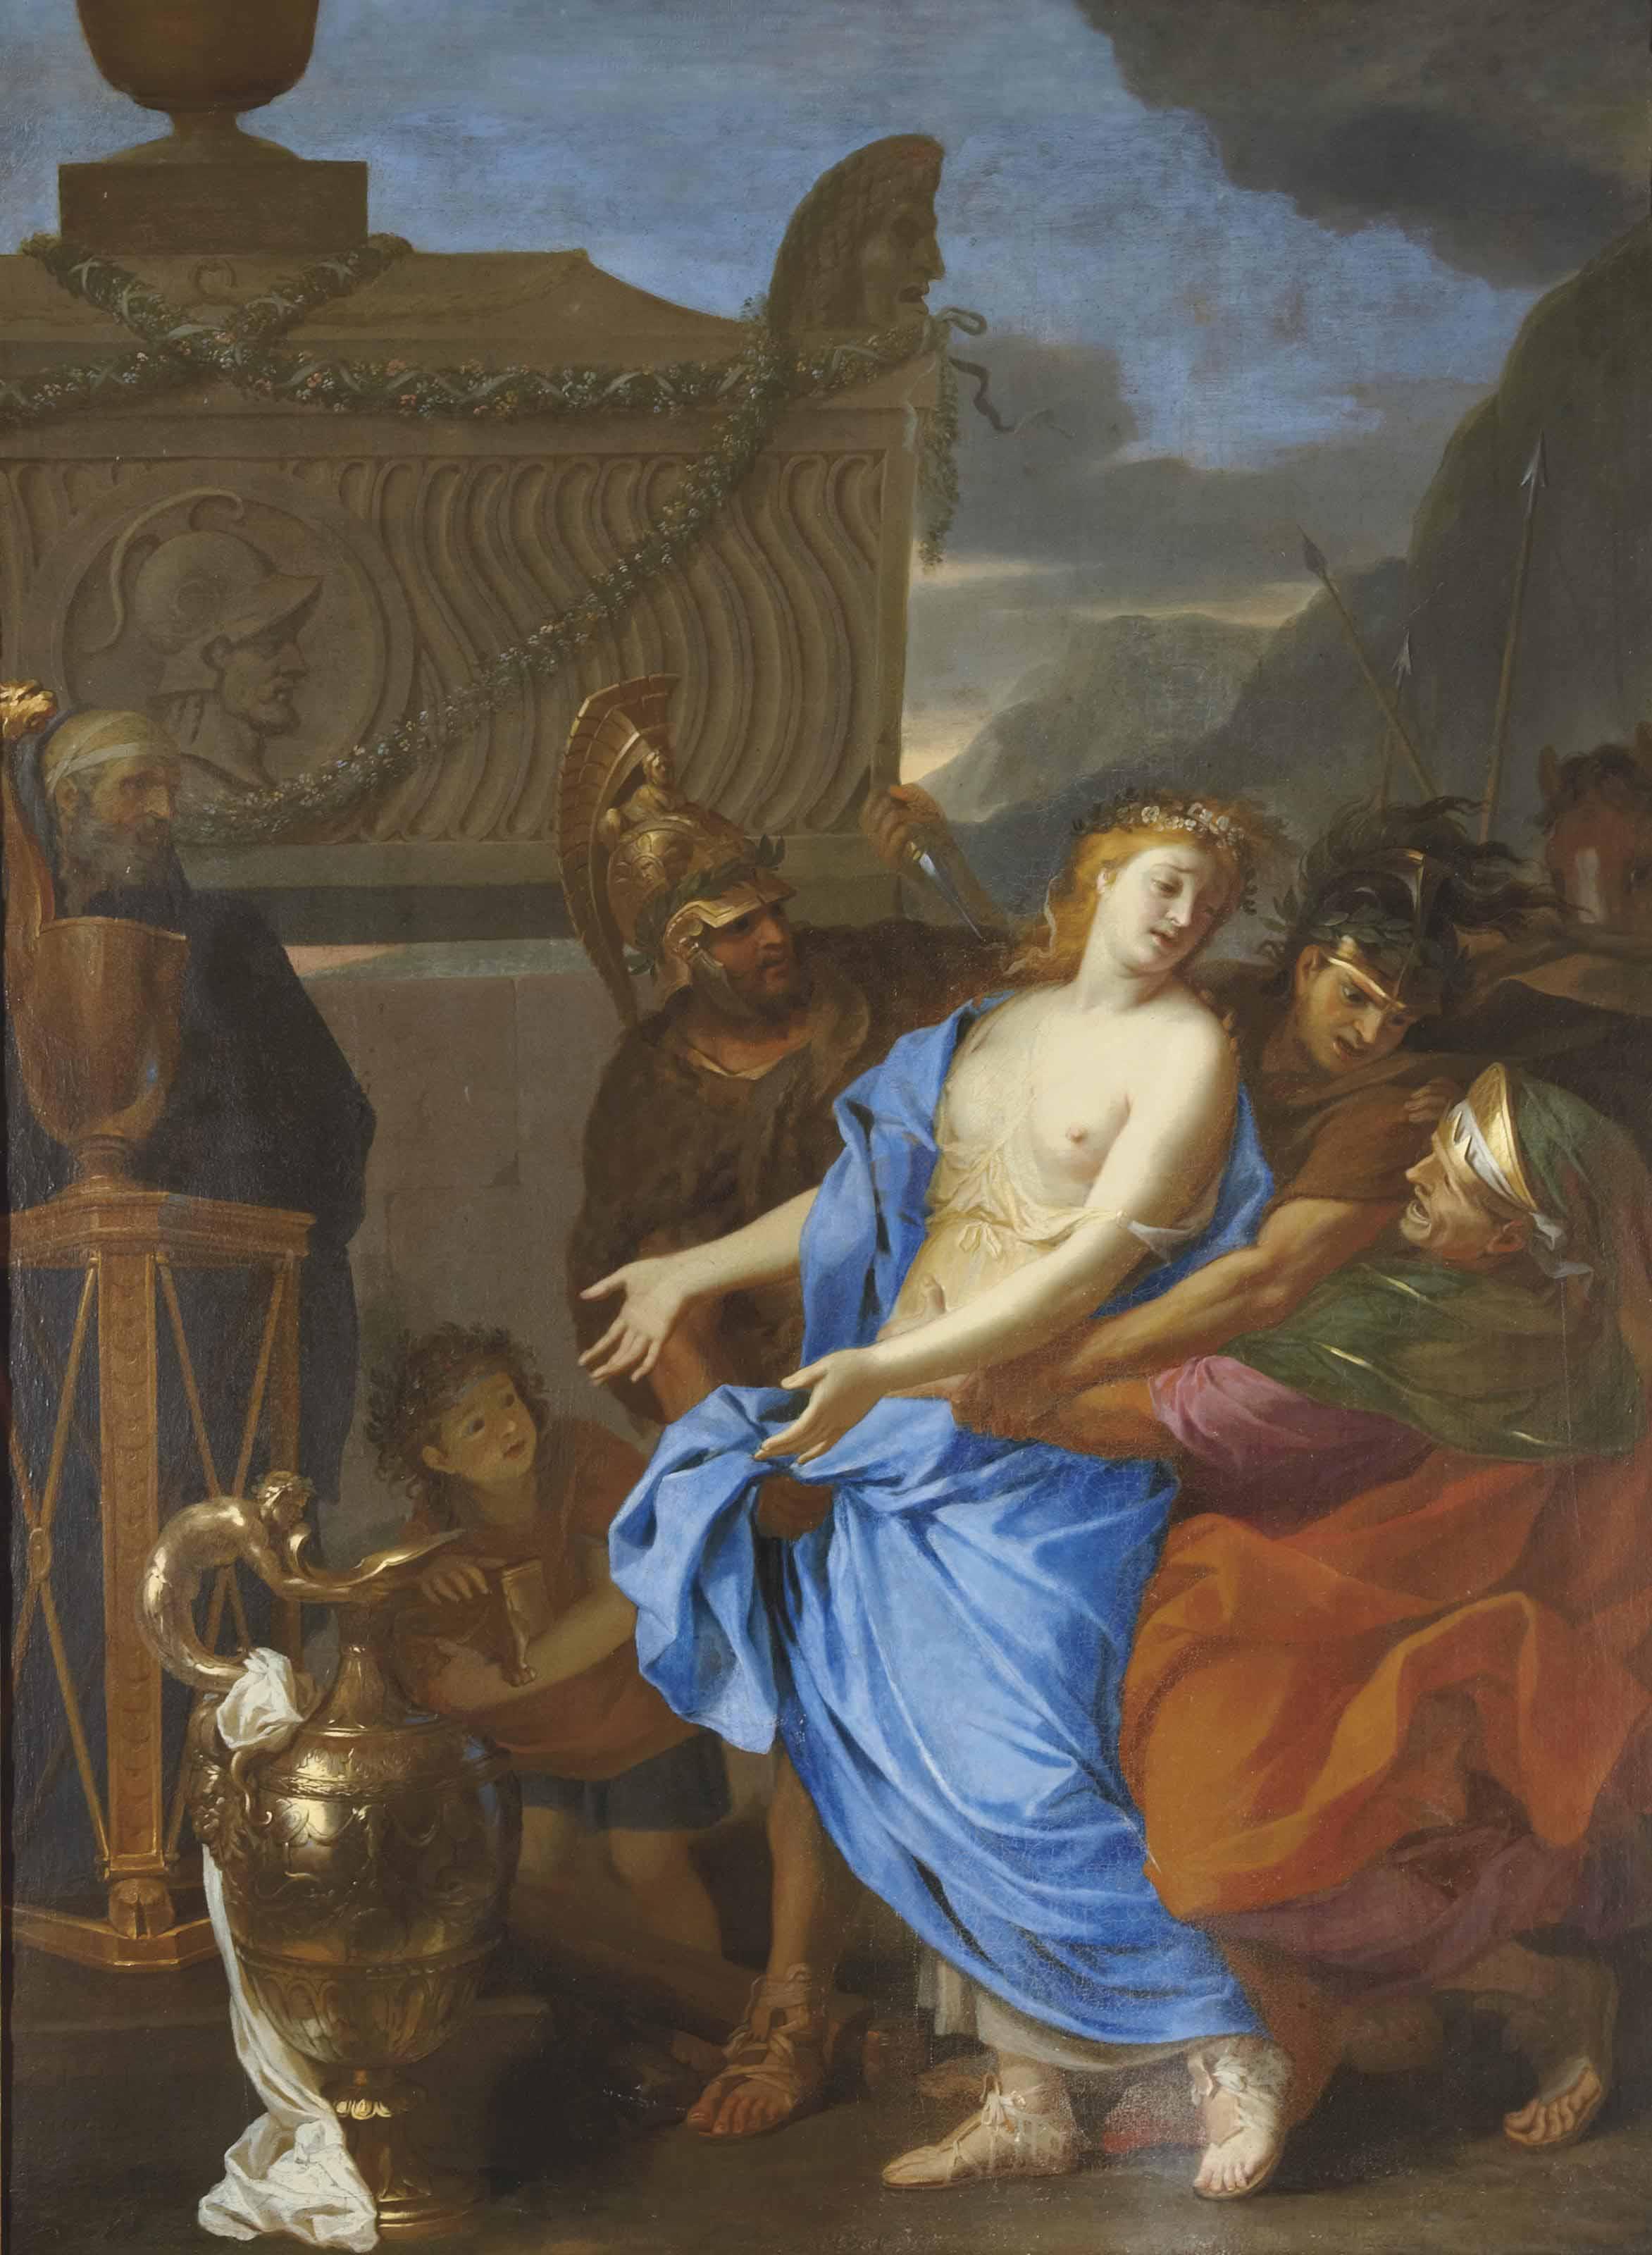 Le sacrifice de Polyxène